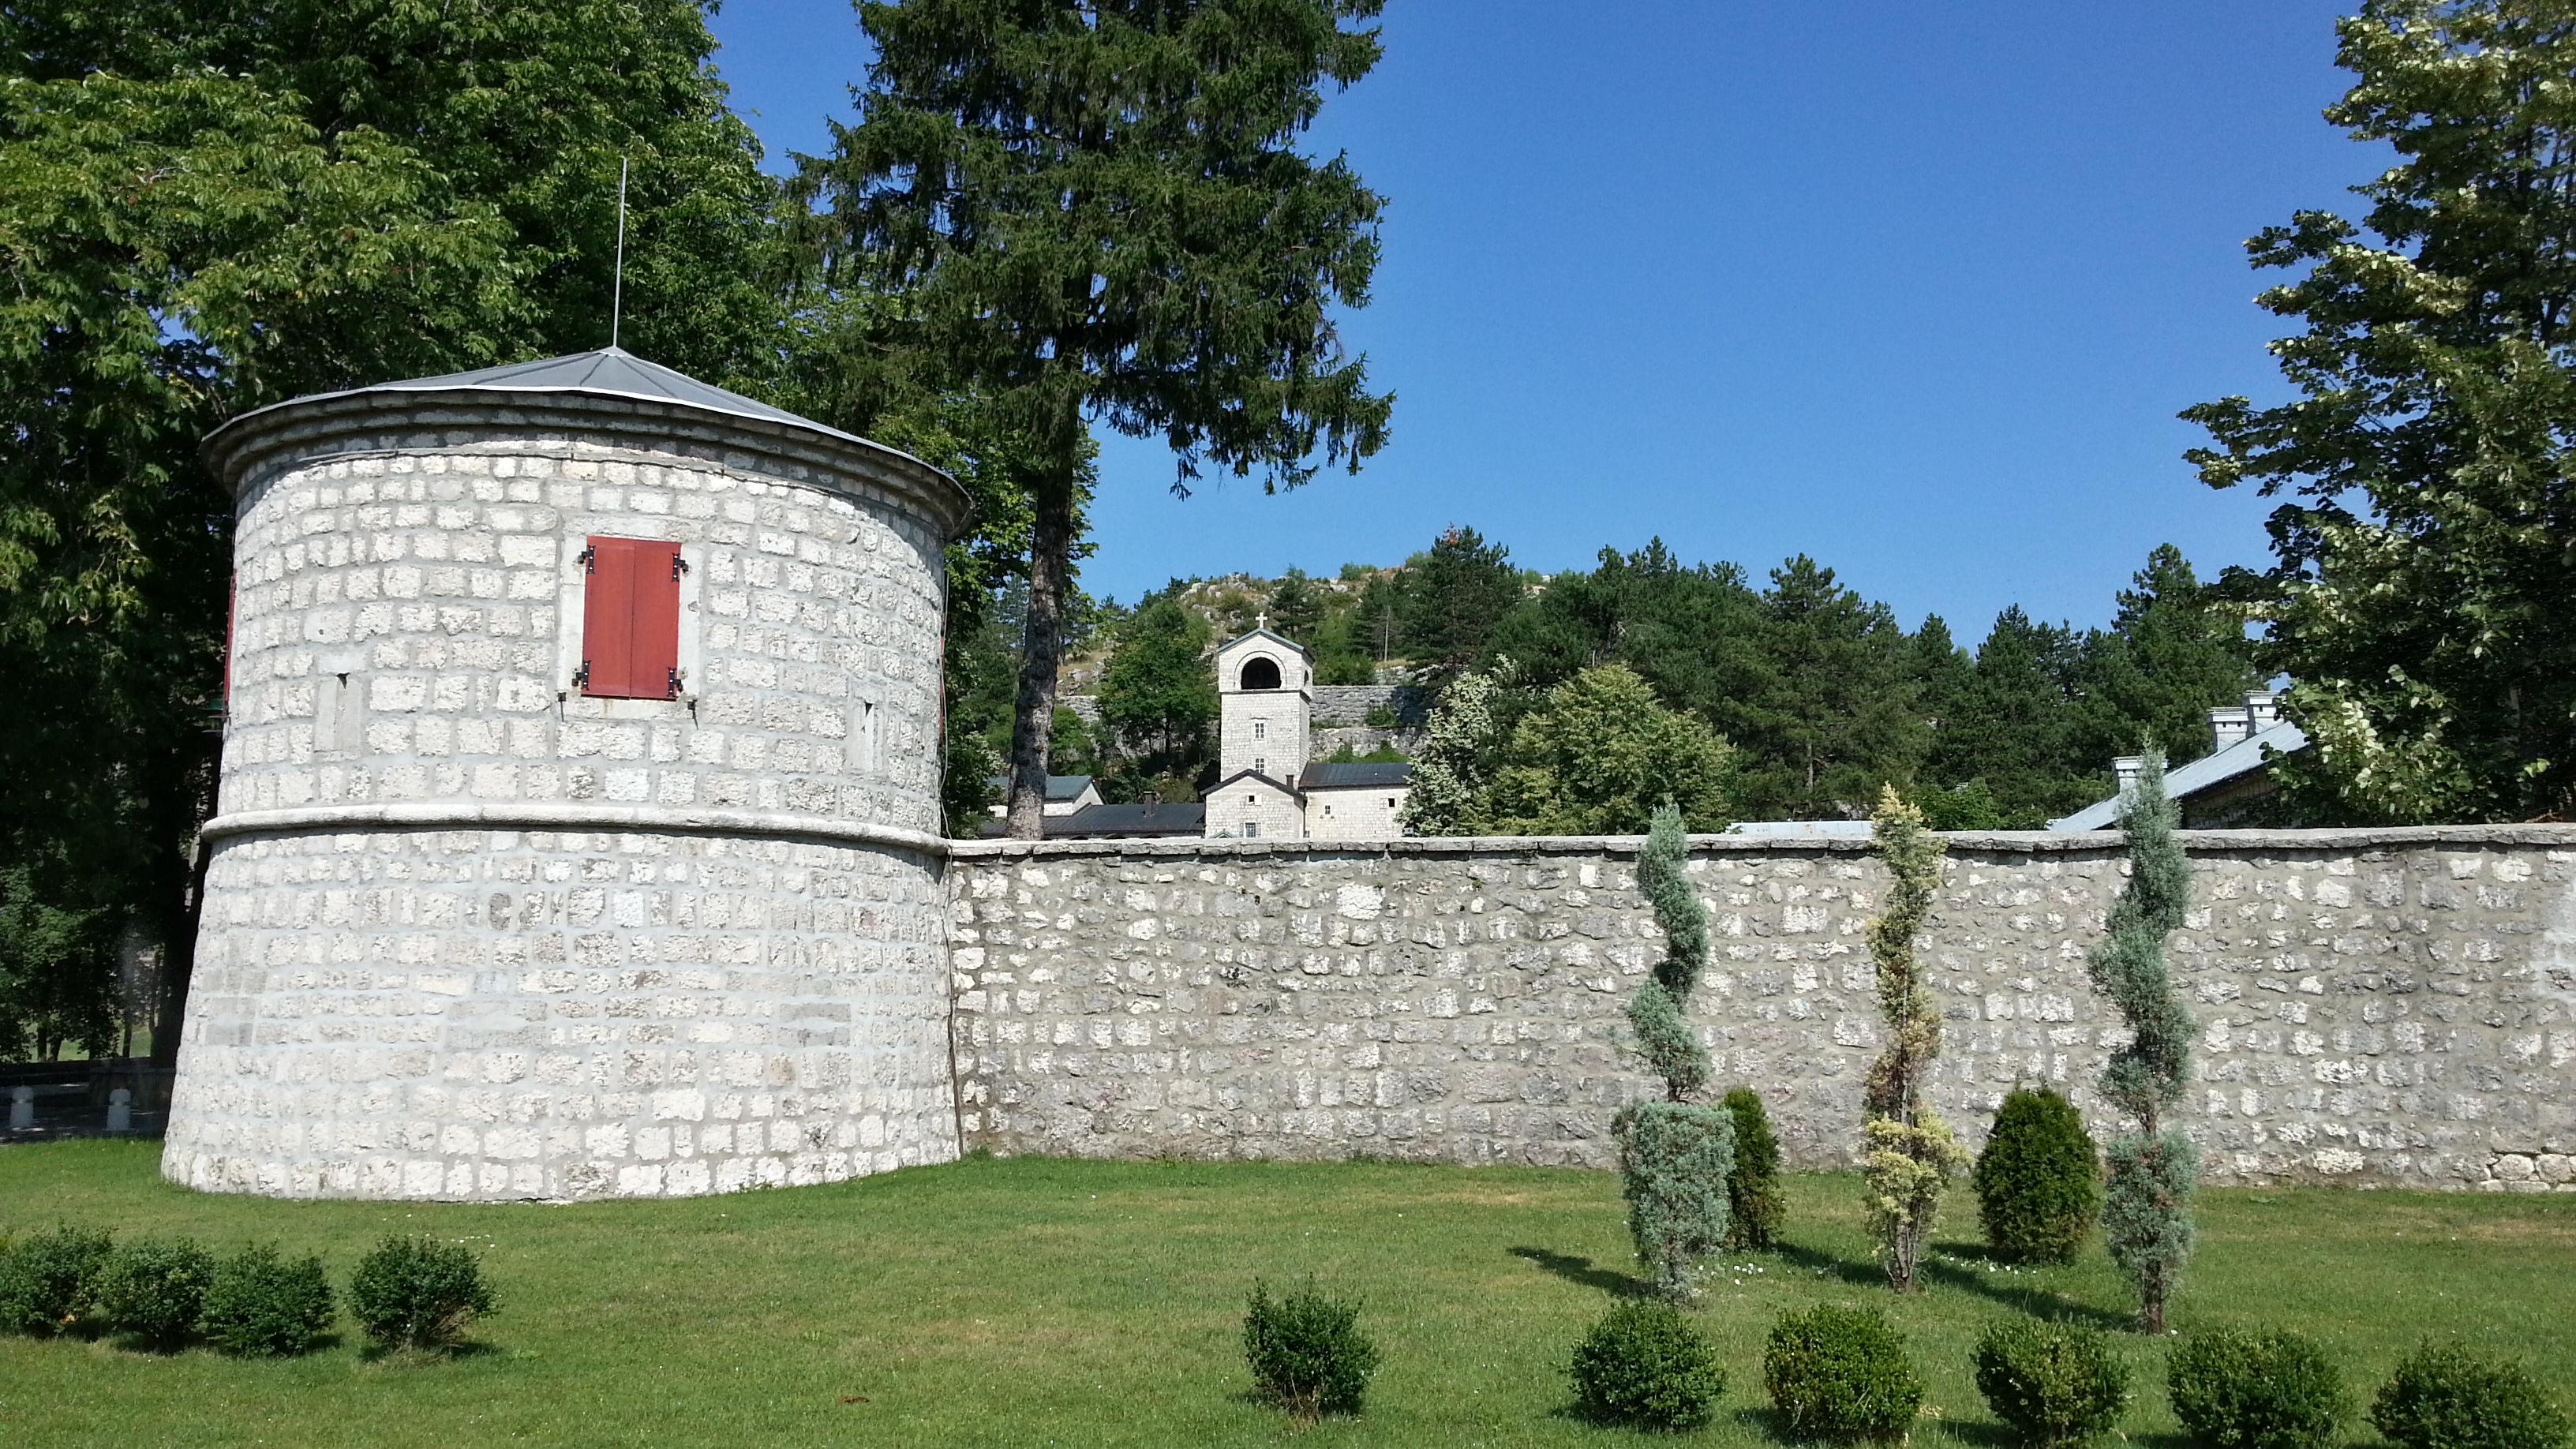 Цетине. Монастырская стена, а за ней колокольня церкви.